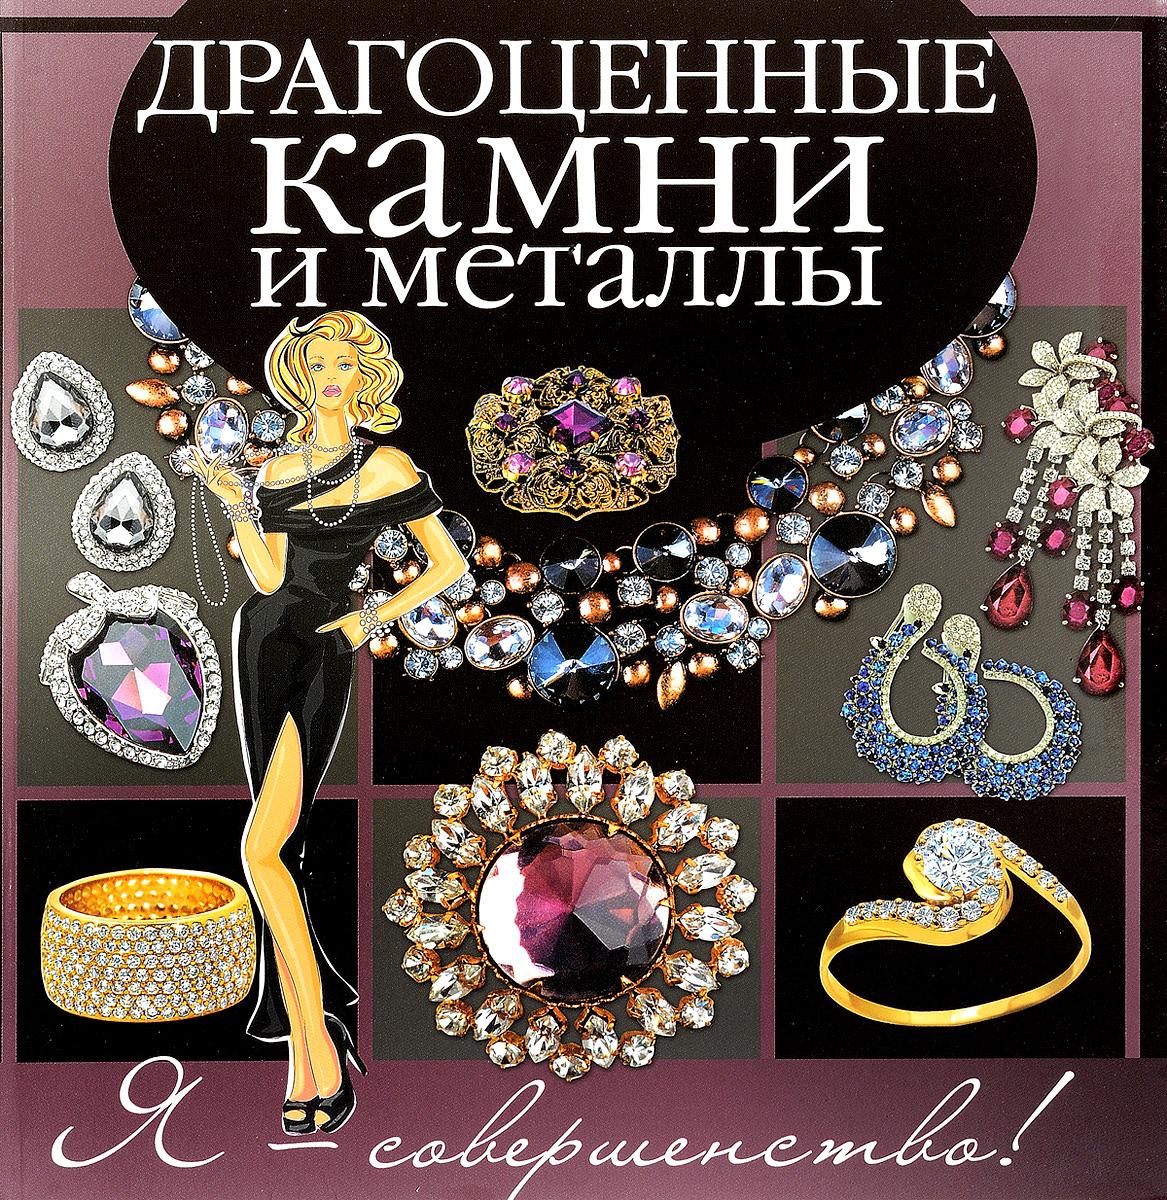 А. Г. Лаворенко, Т. М. Морозова Драгоценные камни и металлы драгоценные камни и металлы